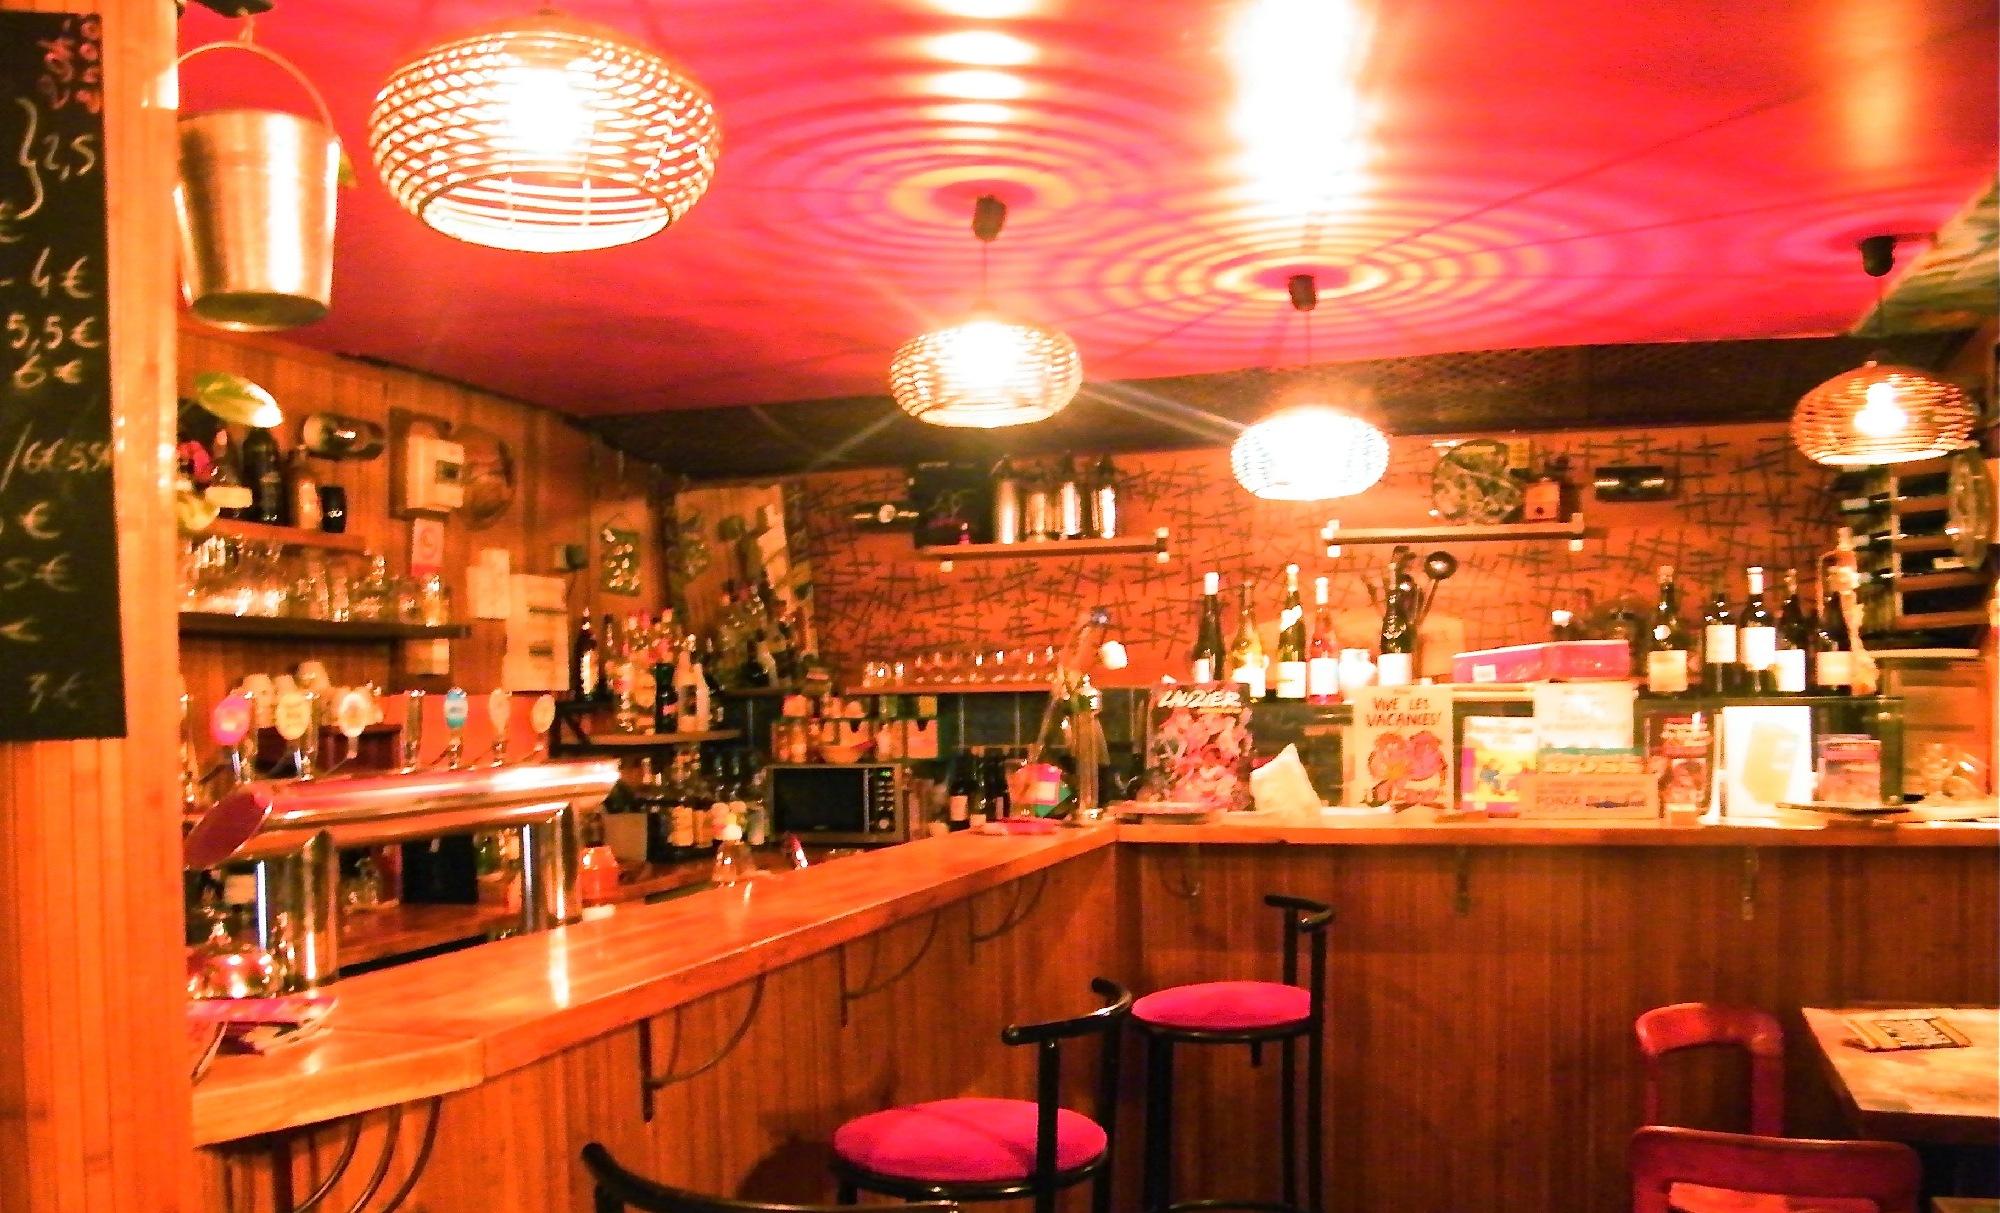 Bar Jazz Les Meilleurs Cafs Concerts Paris O Voir